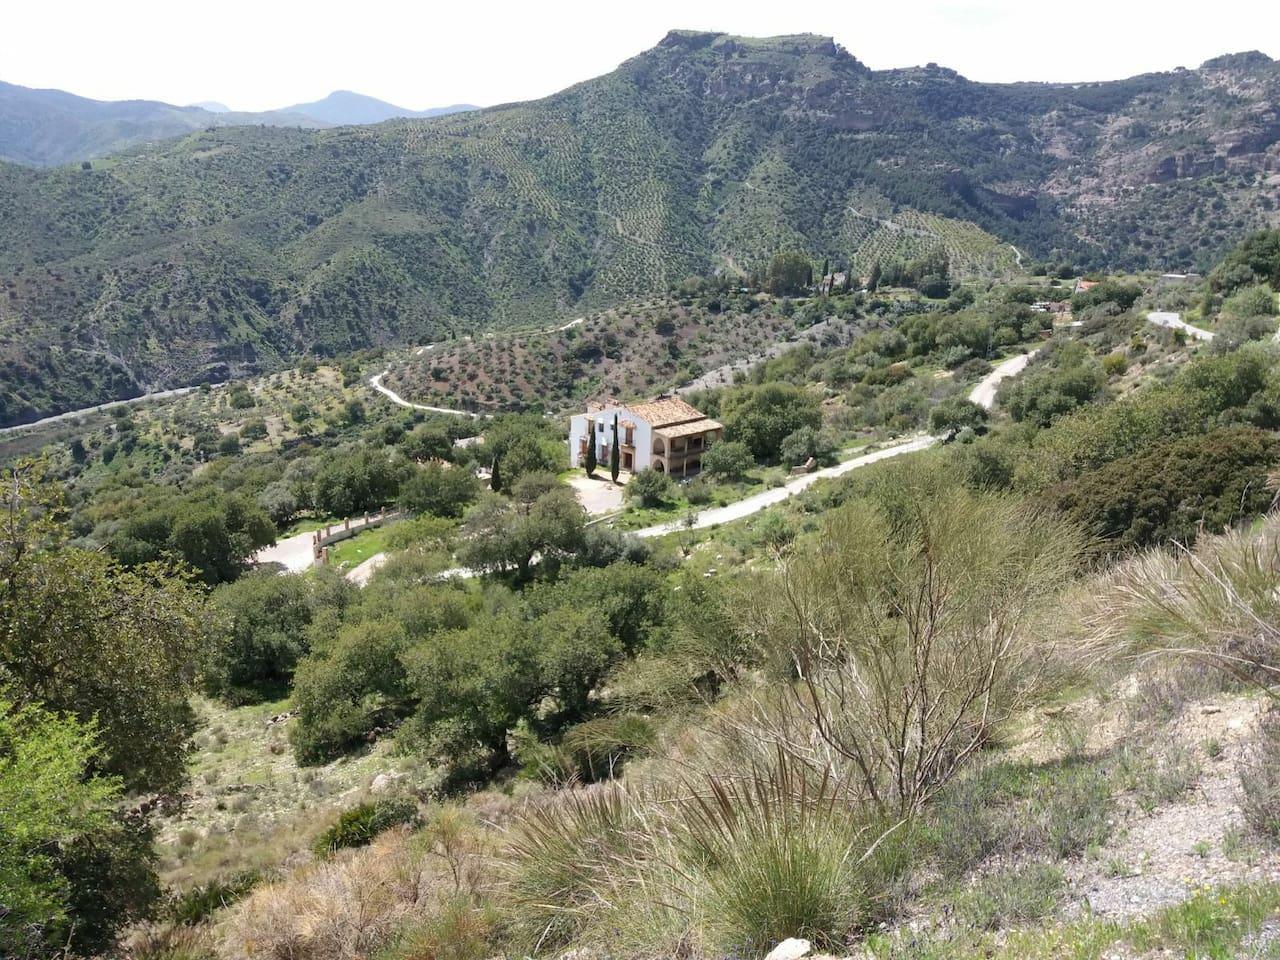 Refugio de escaladores El Chorro